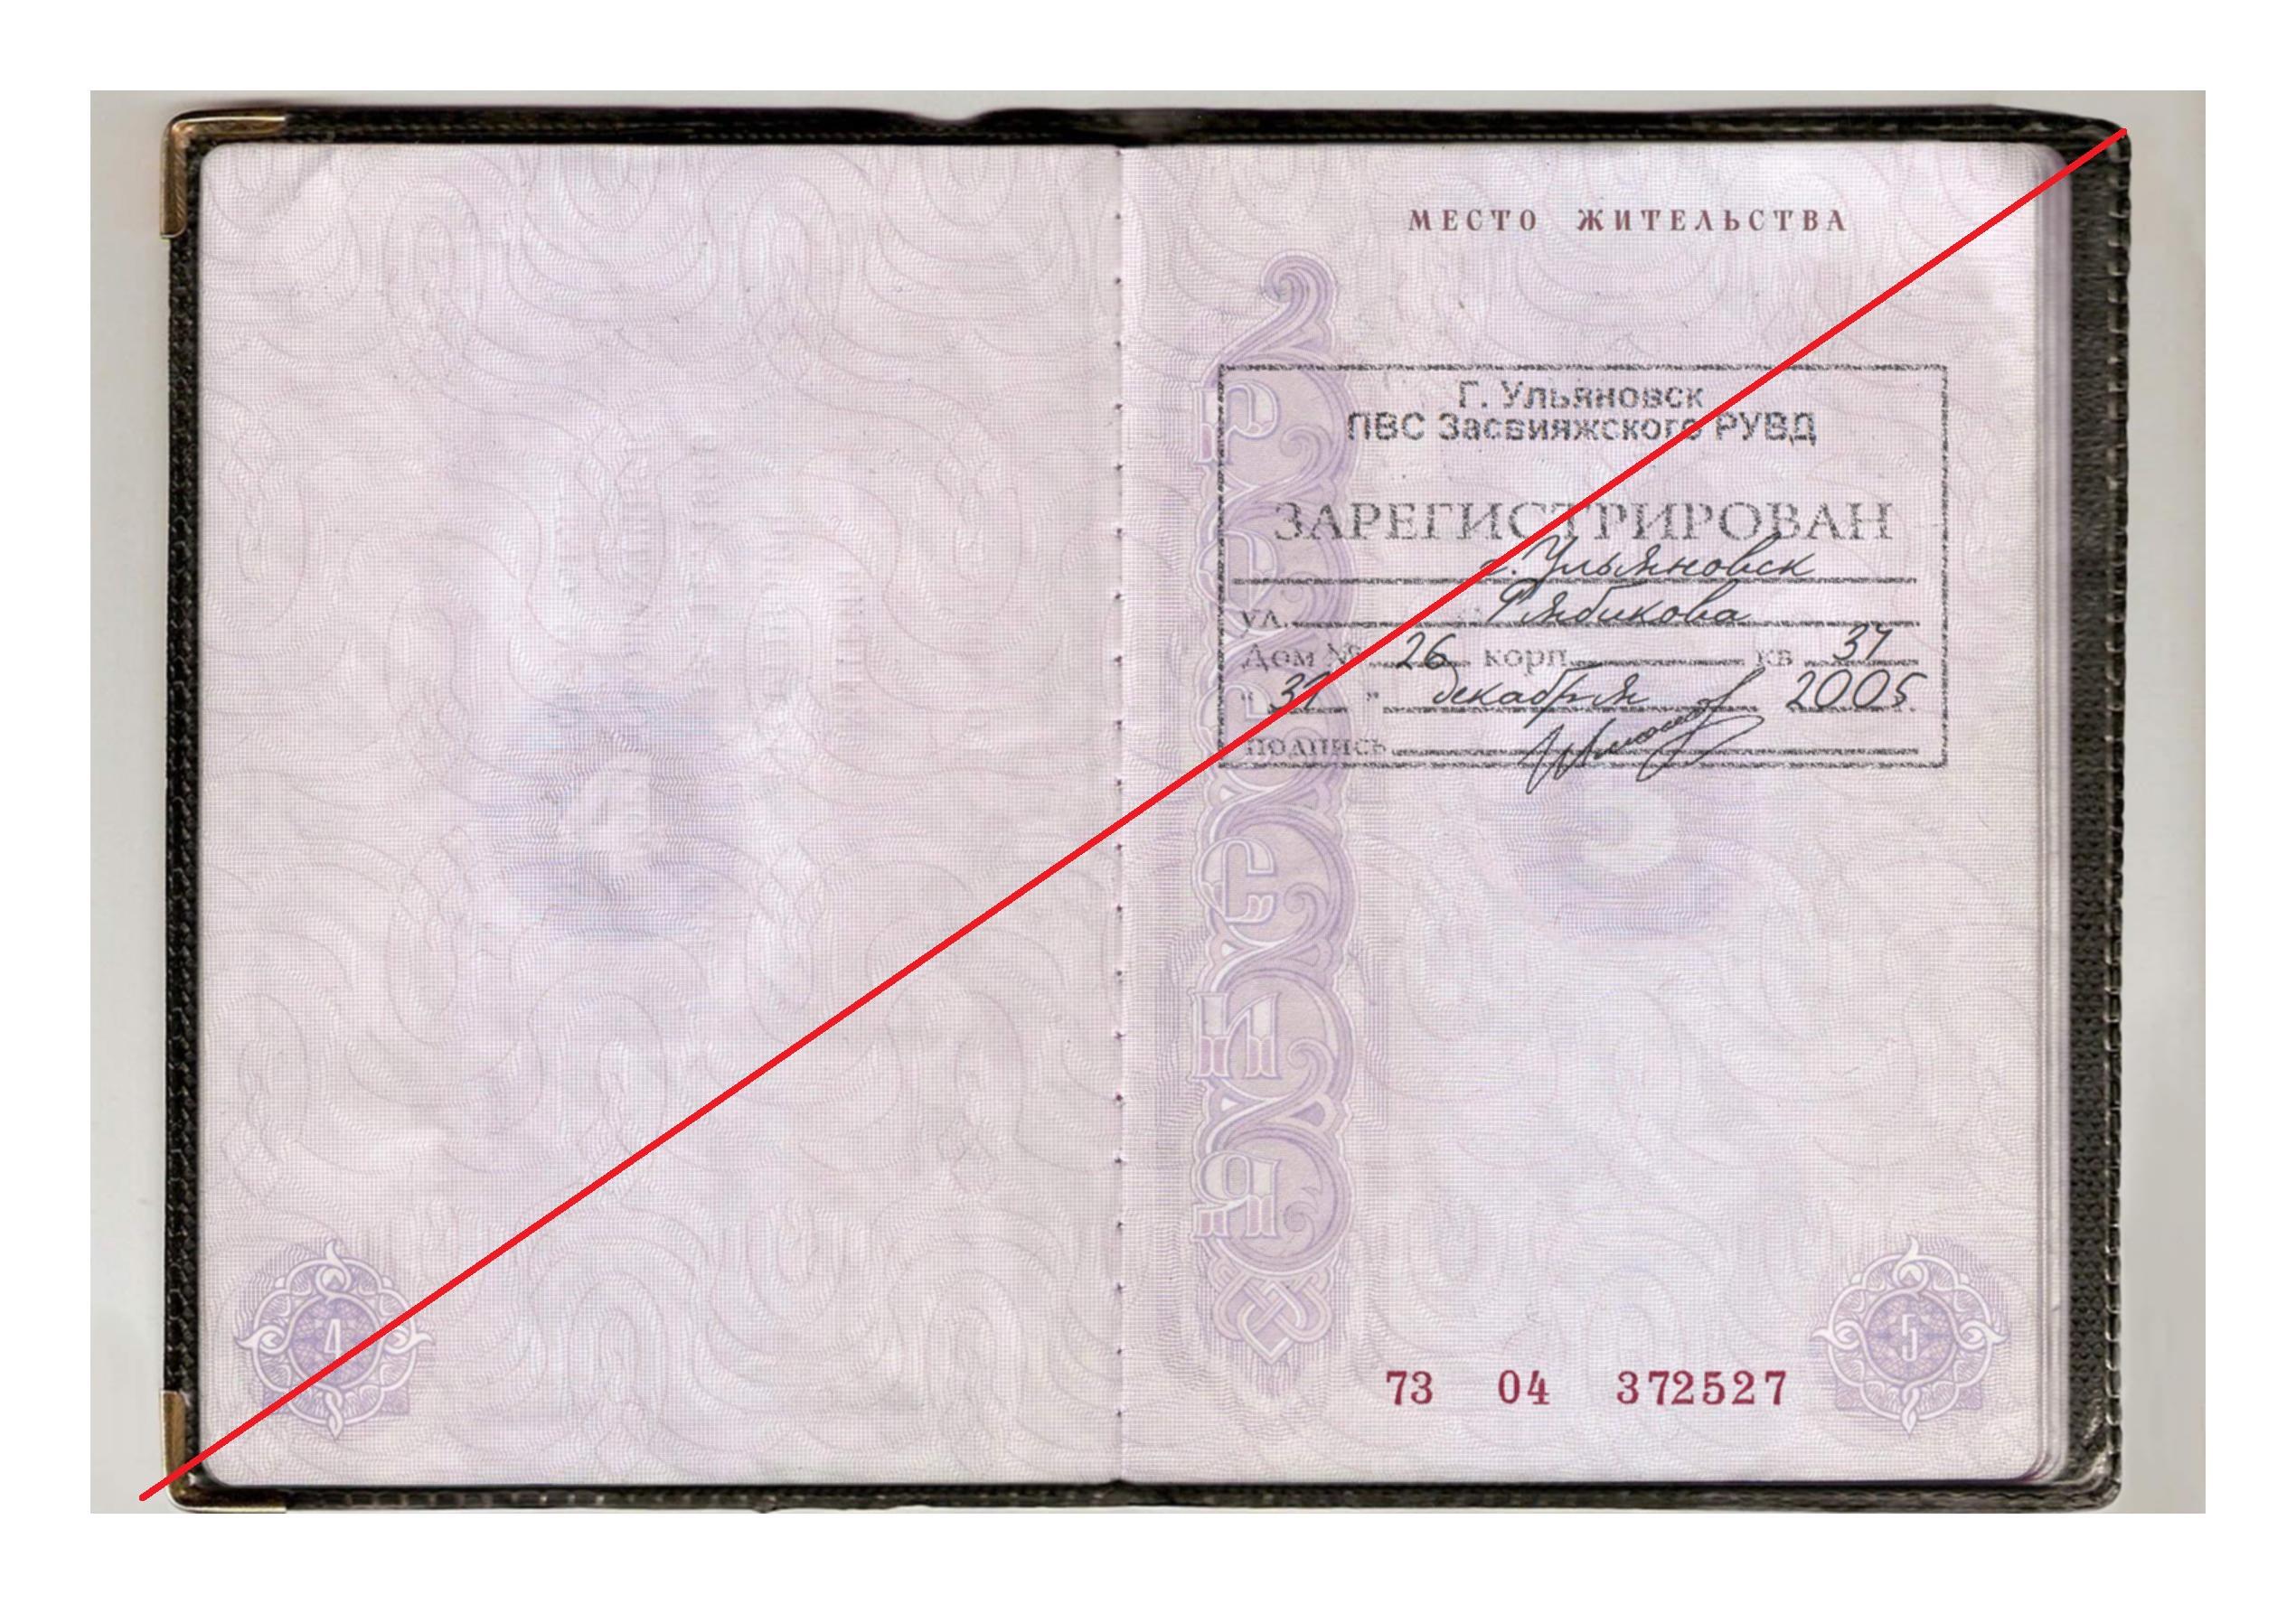 Как сделать ксерокопию паспорта с пропиской на одном листе